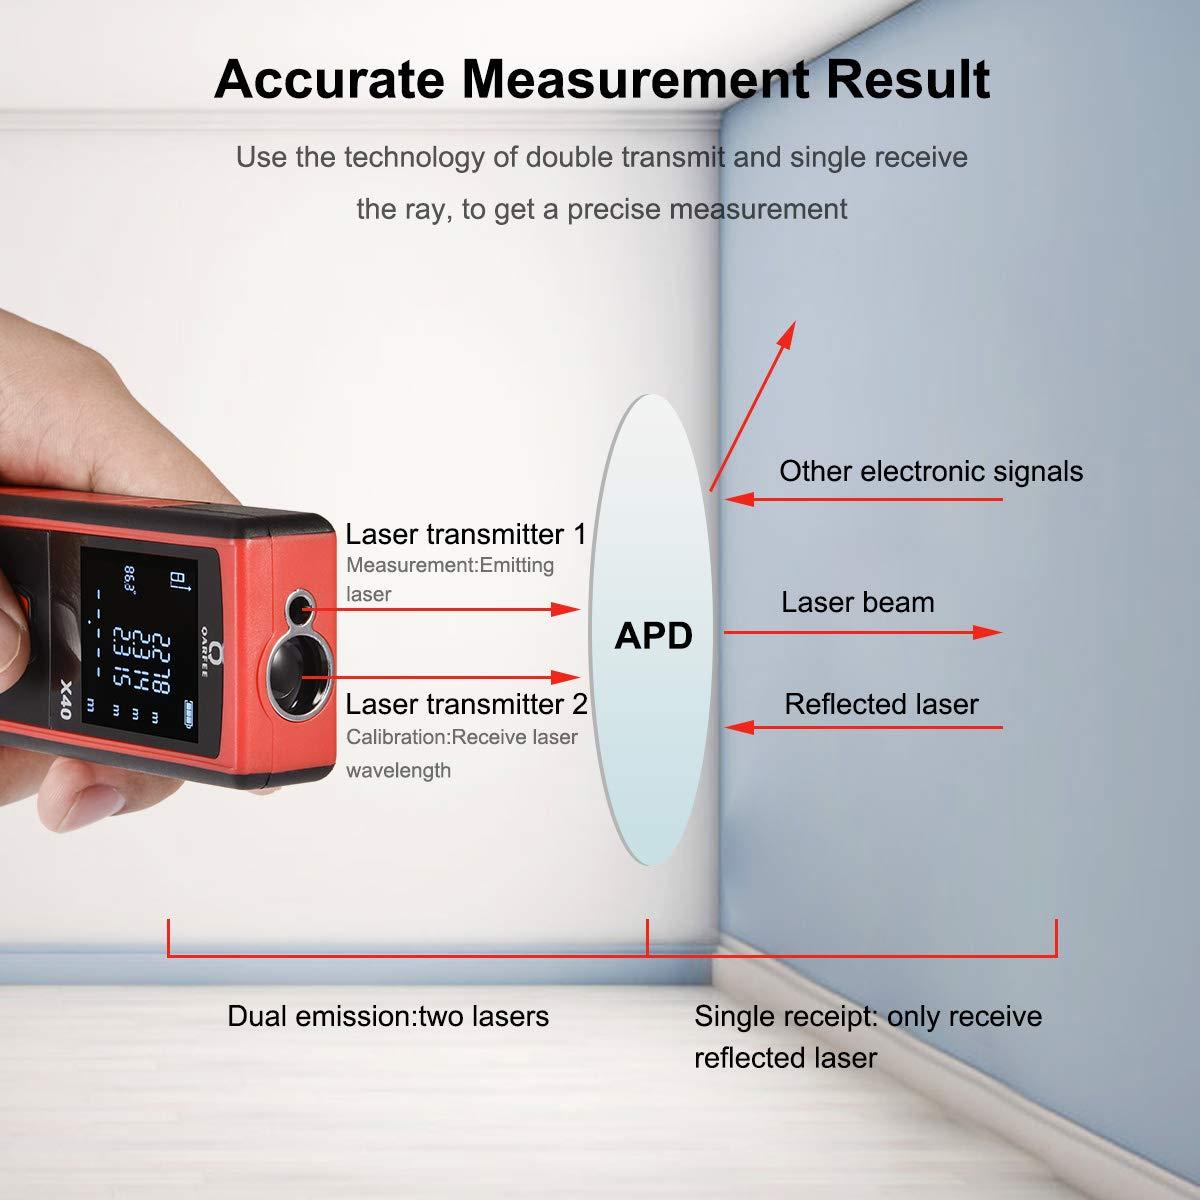 T/él/ém/ètres laser 60M Qarfee Portable Laser Meter Mesure de Distance Num/érique m//in//ft 4 modes de mesure de Pythagore//Surface//Volume//Angle 60M Calibrage Automatique et Mesure Continue